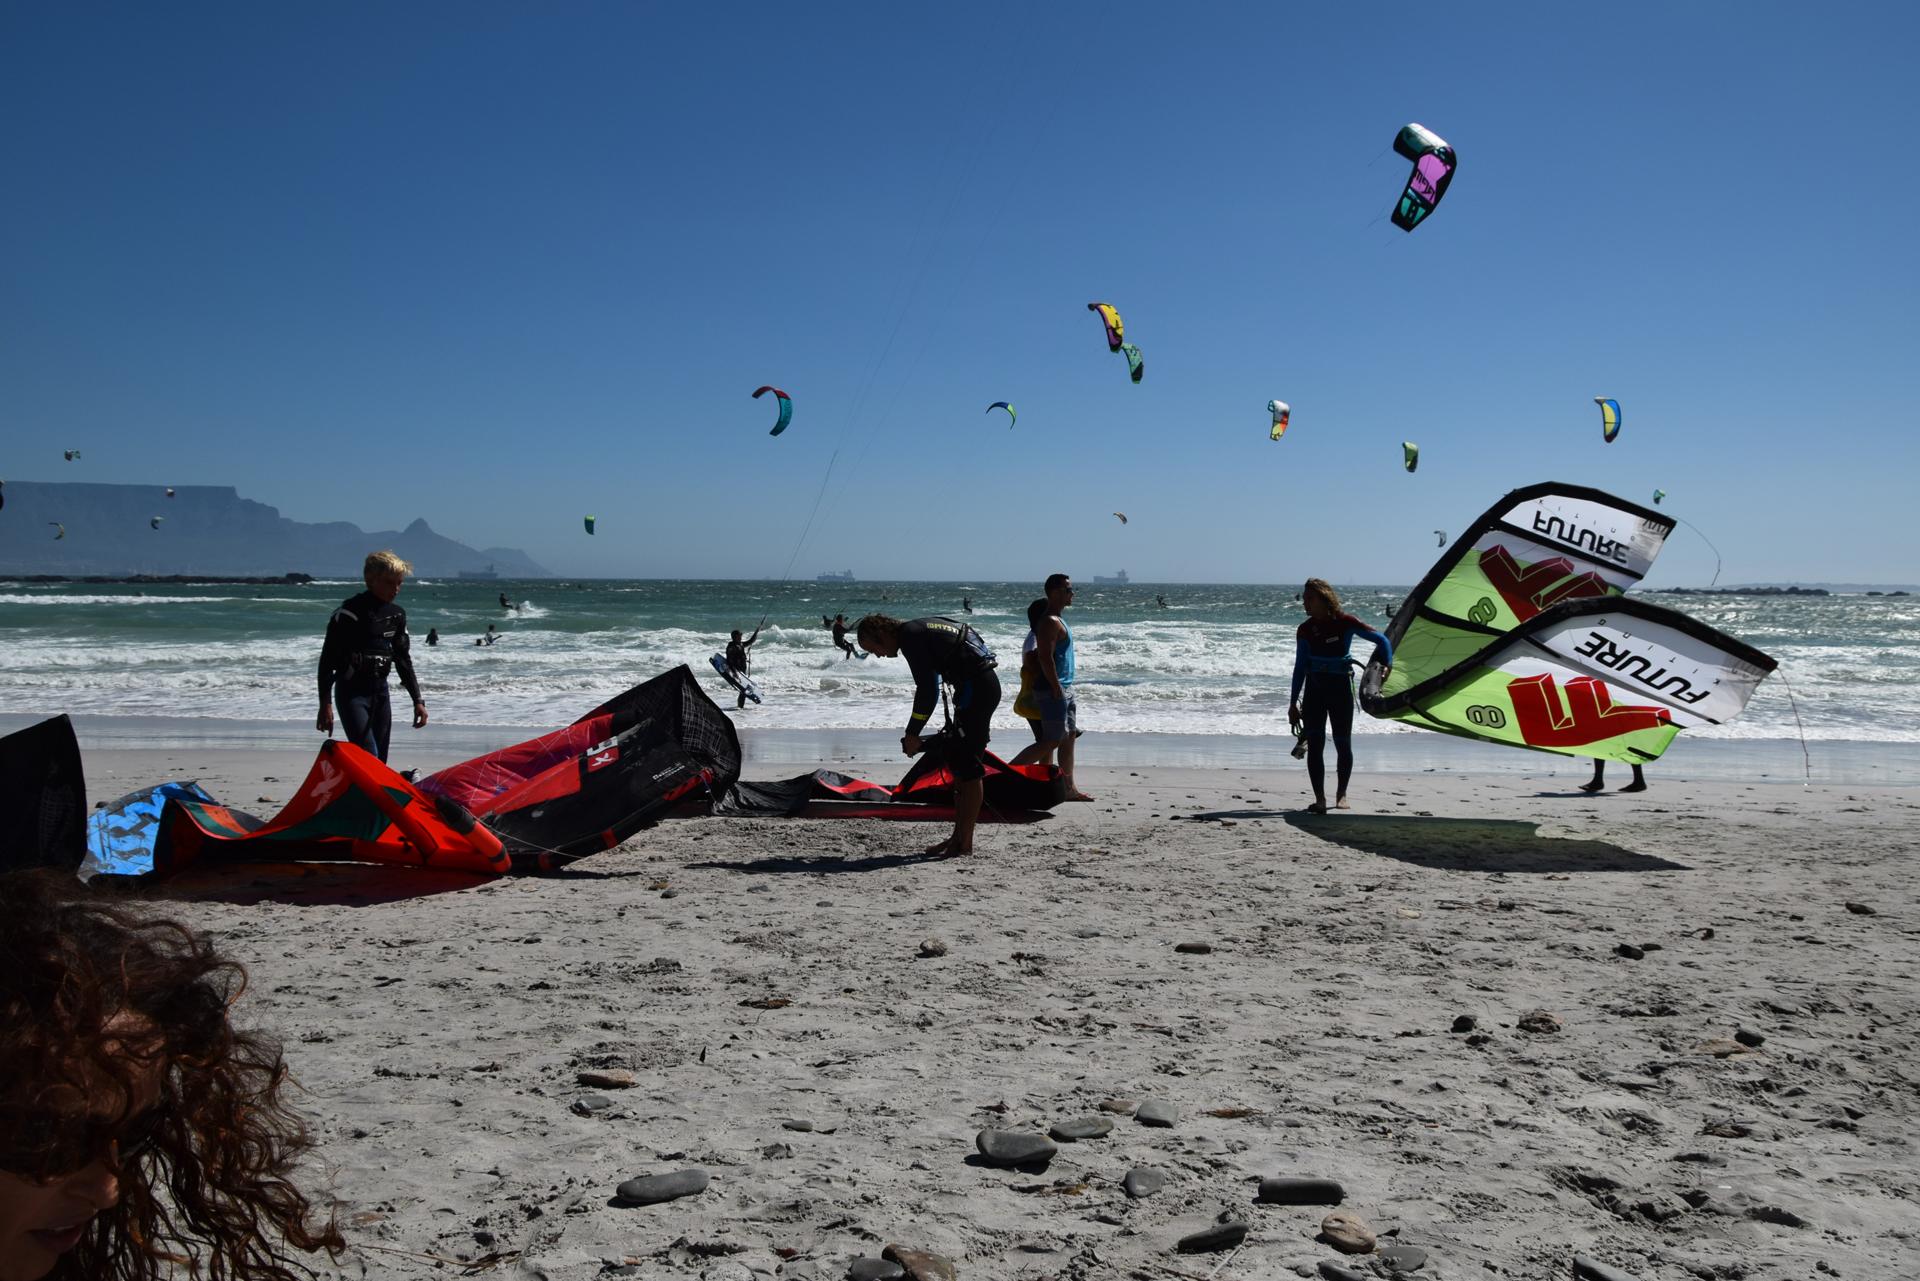 blouberg-kitesurfing-1